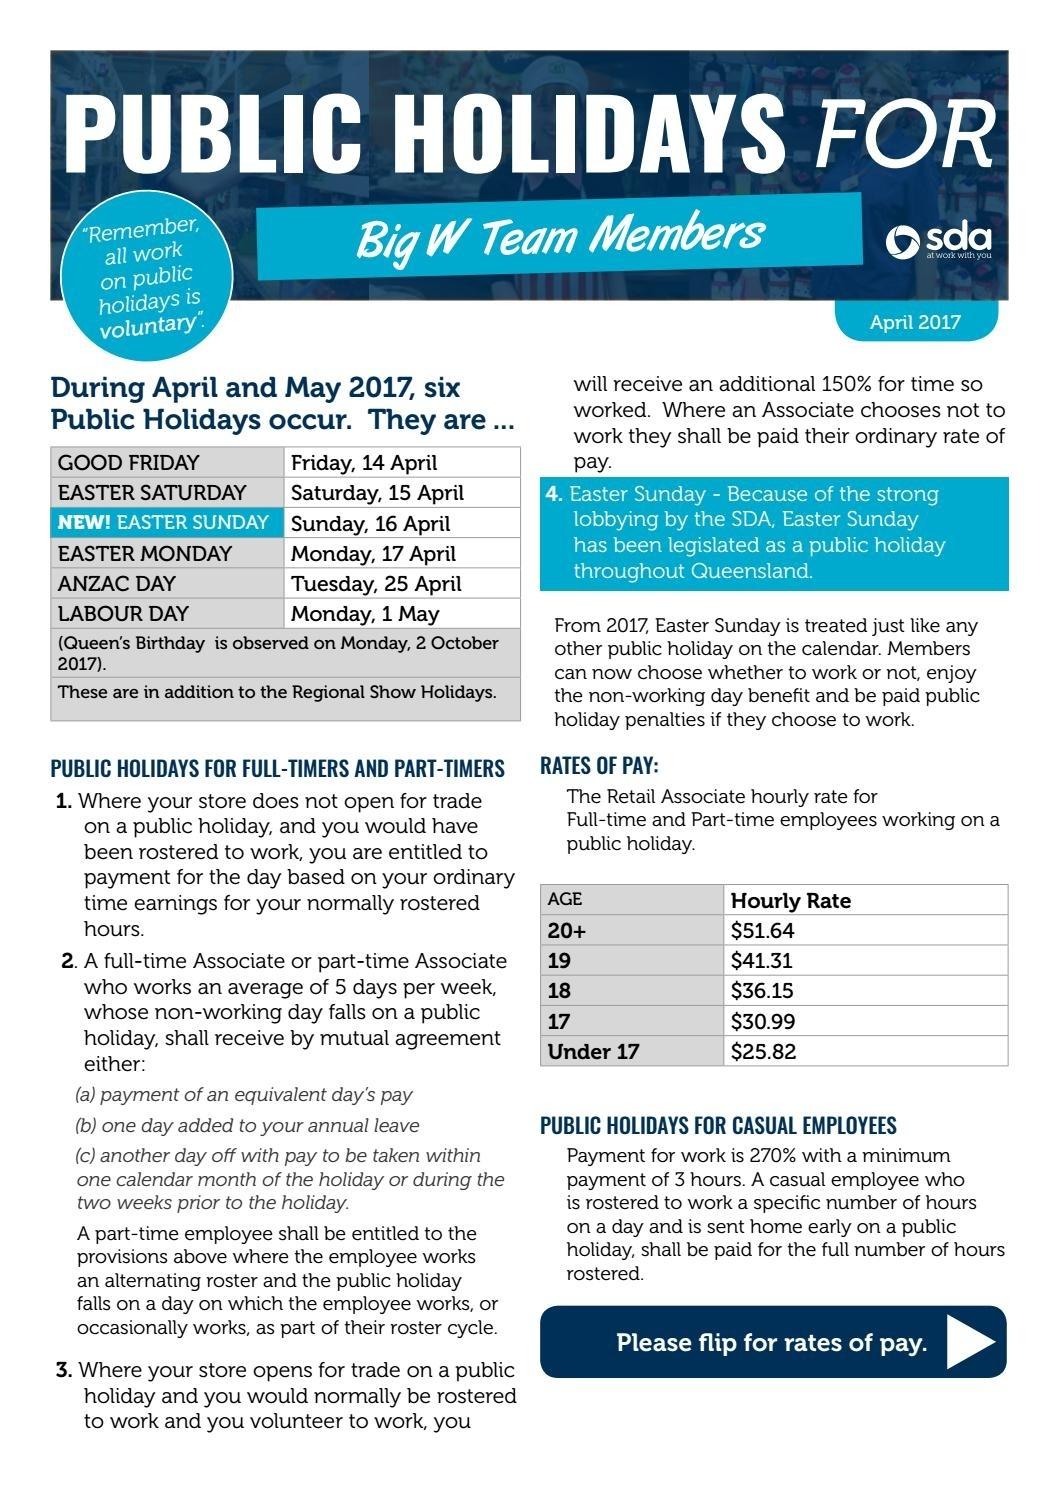 Big W Public Holiday Flyer 2017 By Sda Queensland - Issuu Big W Calendar Printing